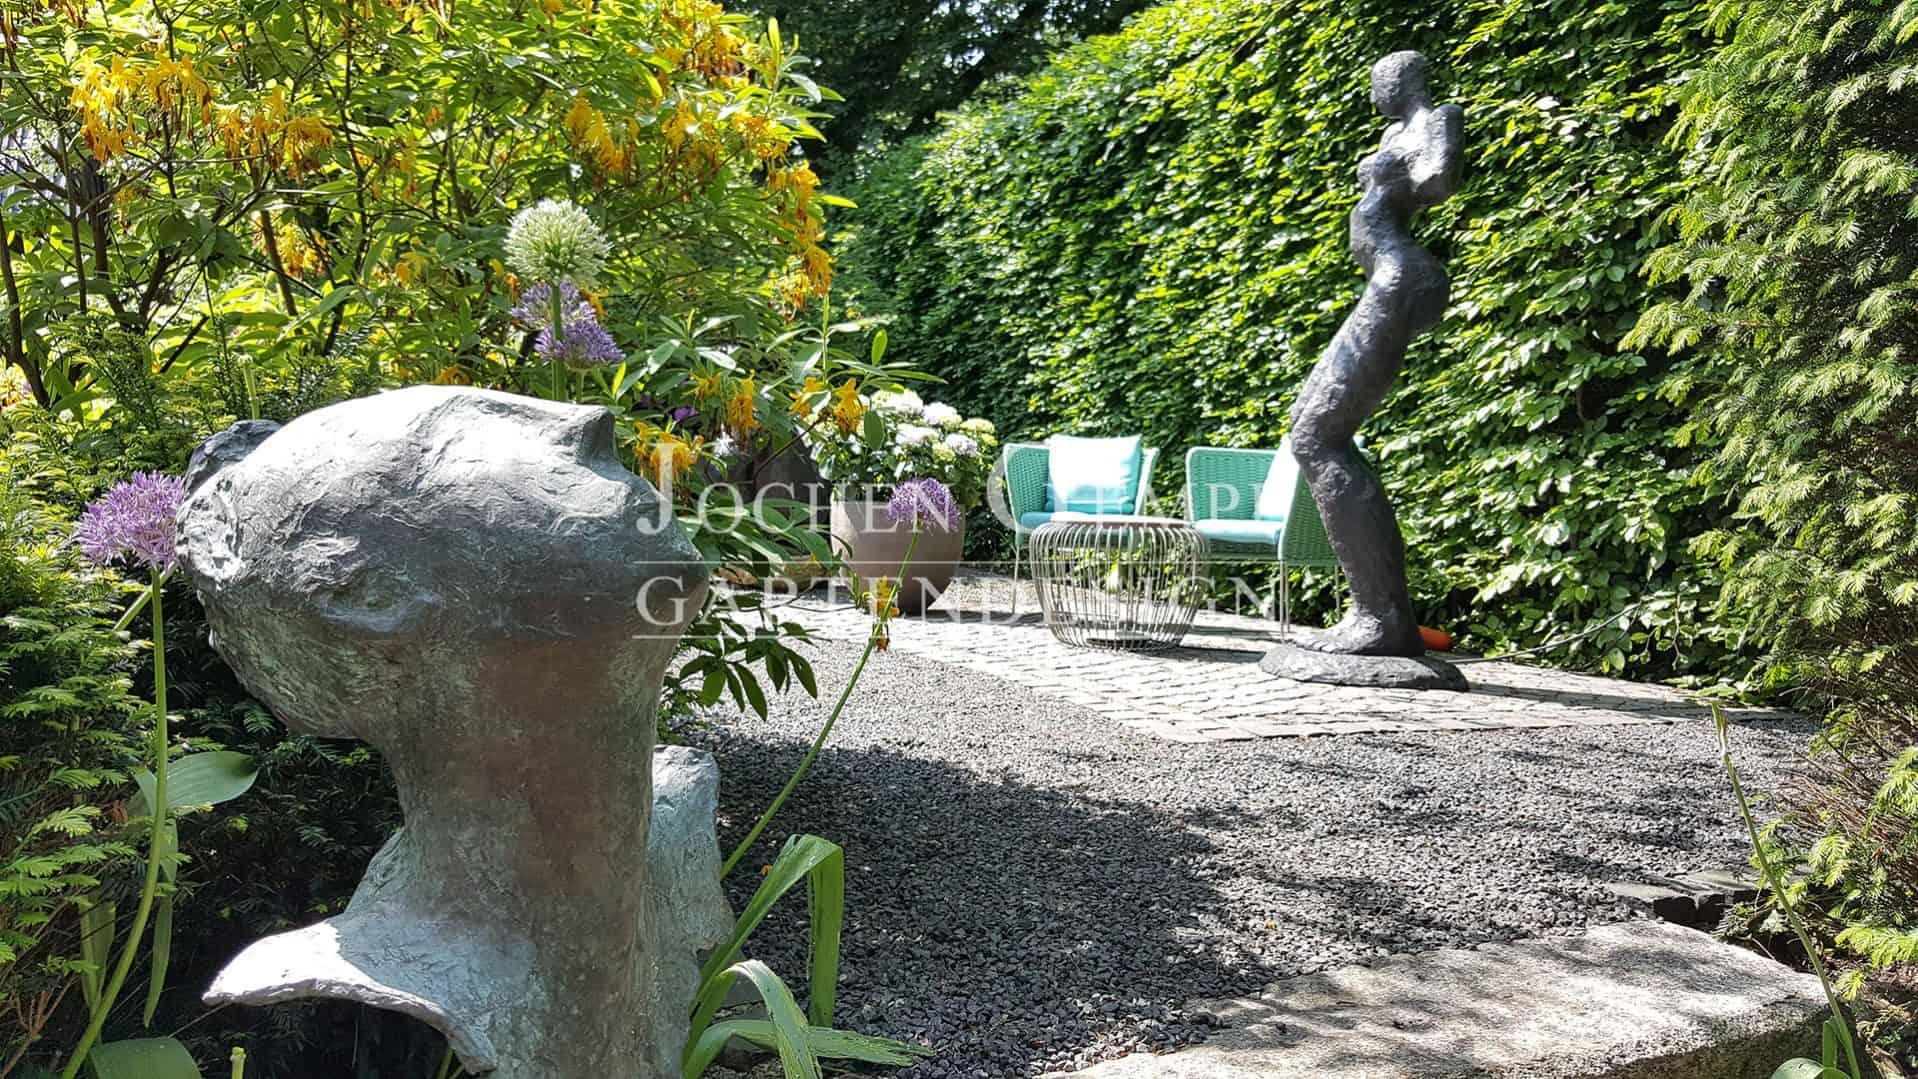 Full Size of Skulpturen Garten Zeitloser Skulpturengarten Gartengestaltung Hamburg Gempp Lounge Sofa Kandelaber Brunnen Im Loungemöbel Günstig Whirlpool Aufblasbar Garten Skulpturen Garten